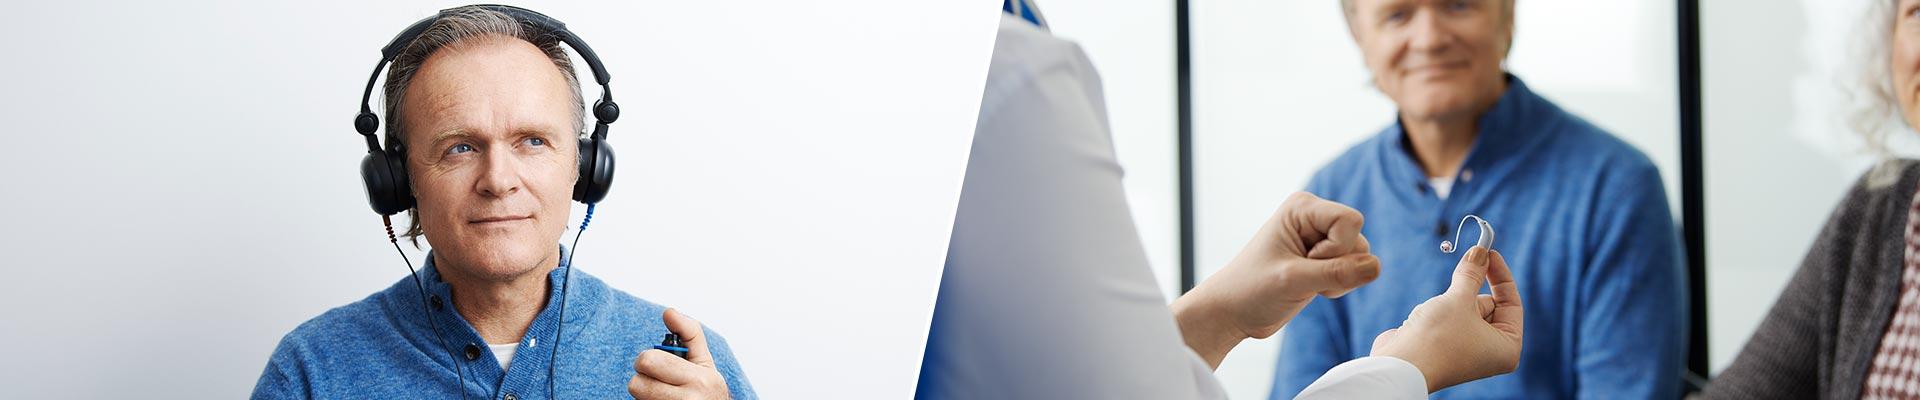 Bor du i Skåne och vill göra ett hörseltest? Boka hörseltest i Skåne redan idag!